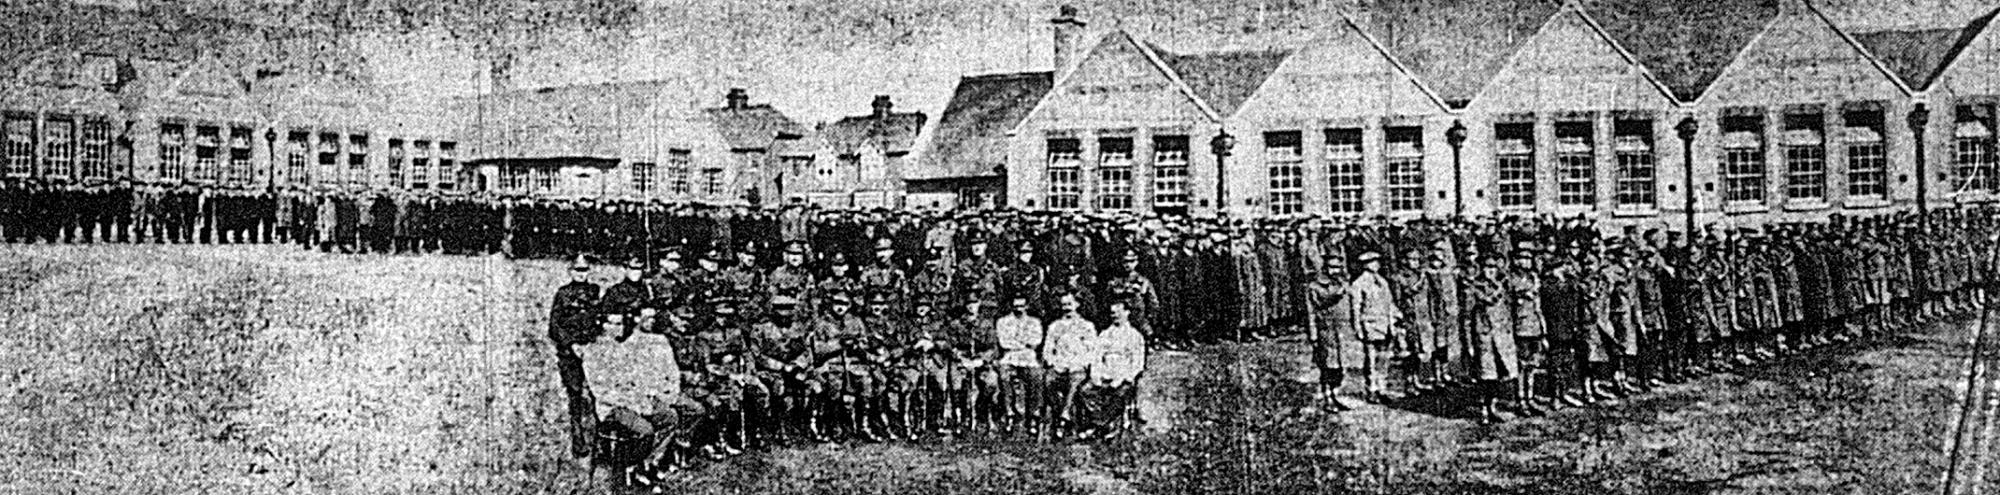 Derby Recruits in Luton